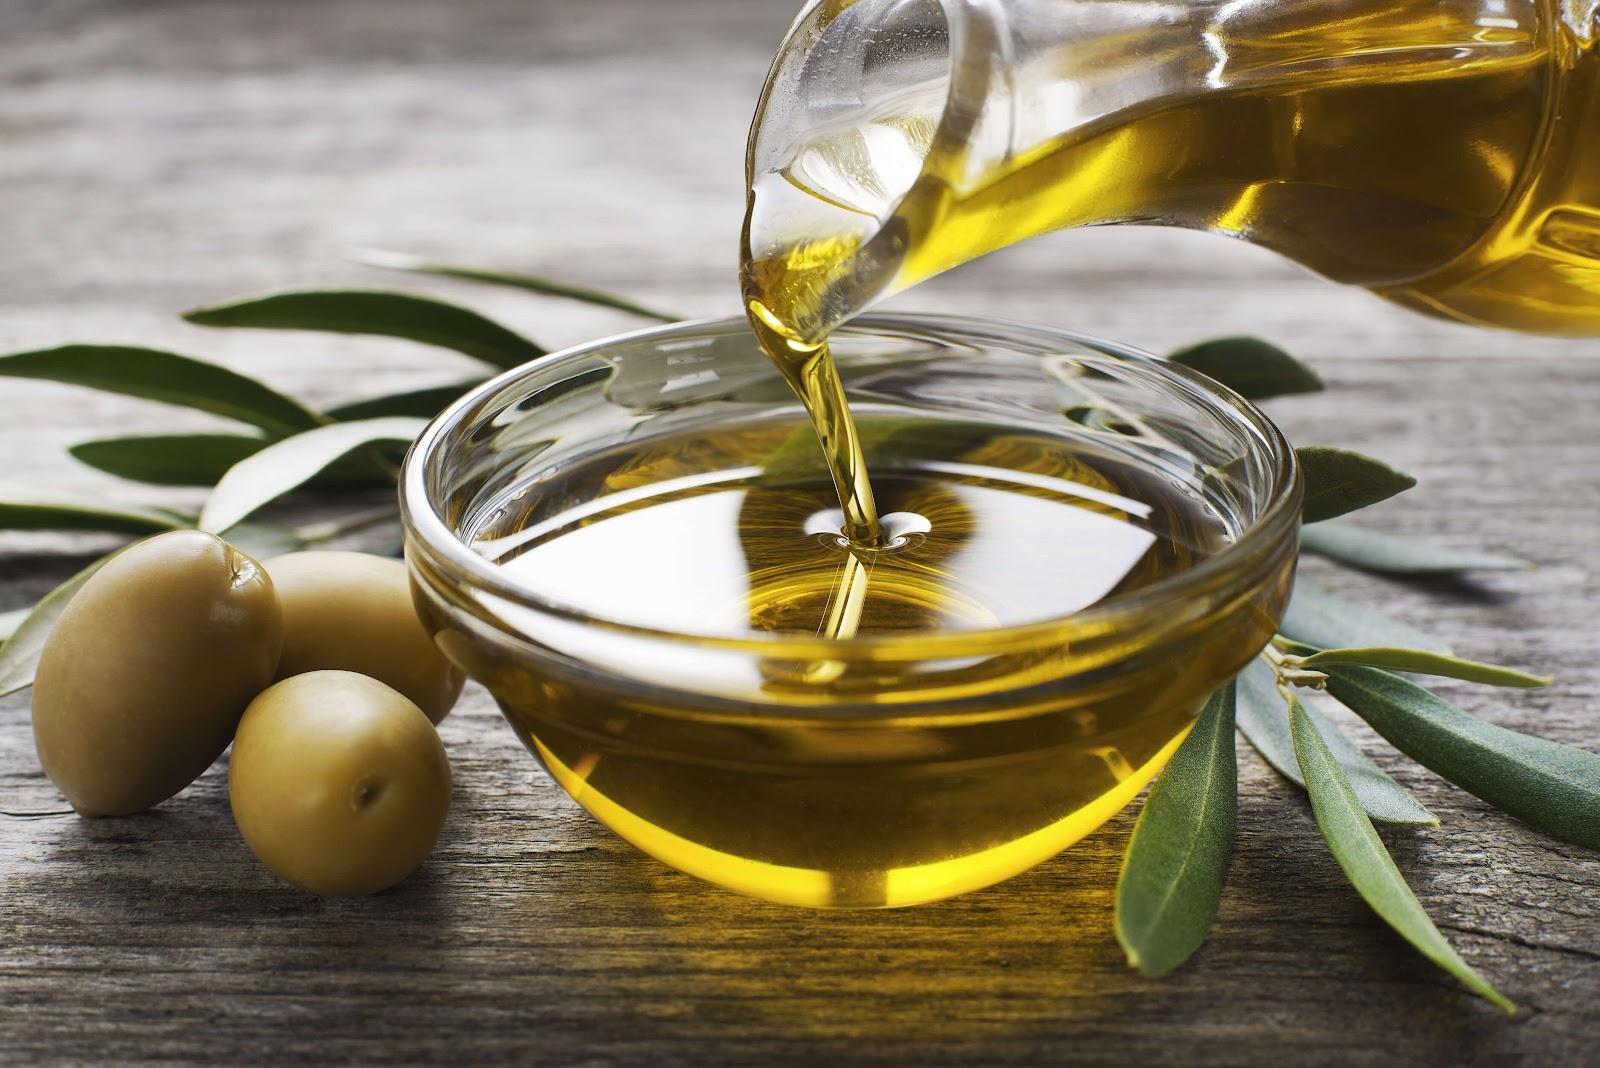 Gia đình nào cũng phải sử dụng dầu ăn để nấu nướng, vậy chọn dầu ăn như thế nào để tốt cho sức khỏe? - Ảnh 3.